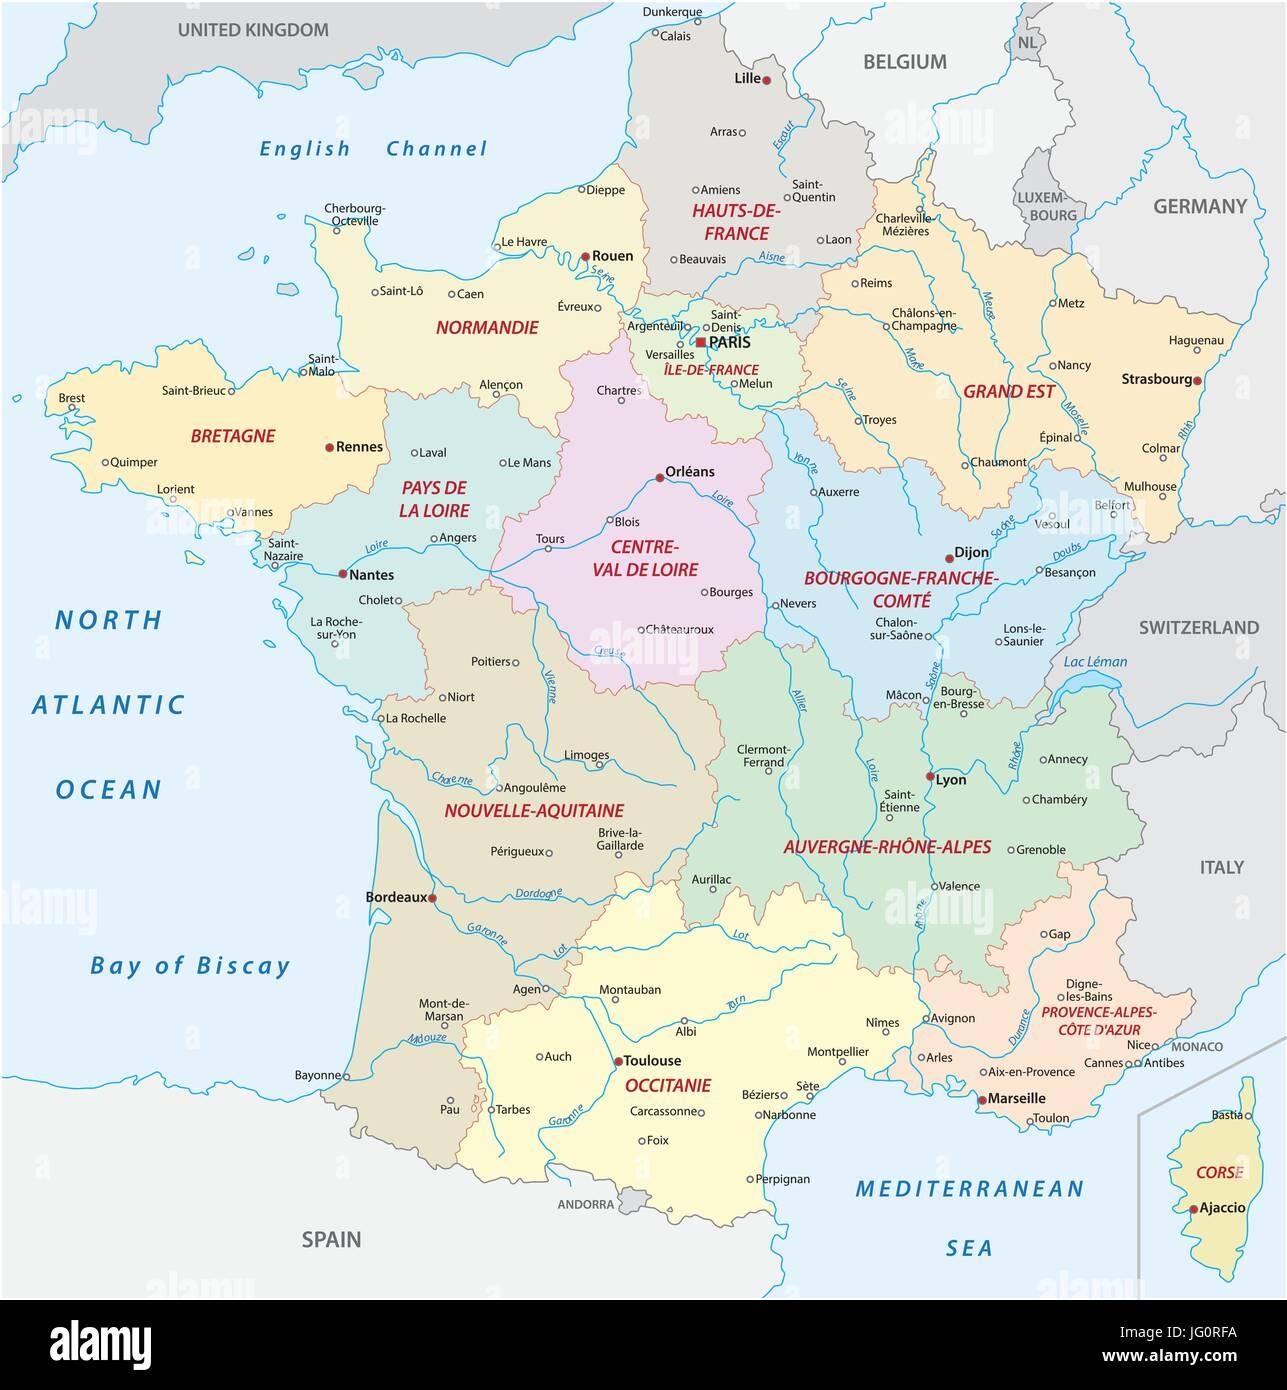 Frankreich Karte Regionen.Frankreich Karte Mit Den Neuen Regionen Und Die Wichtigsten Städte